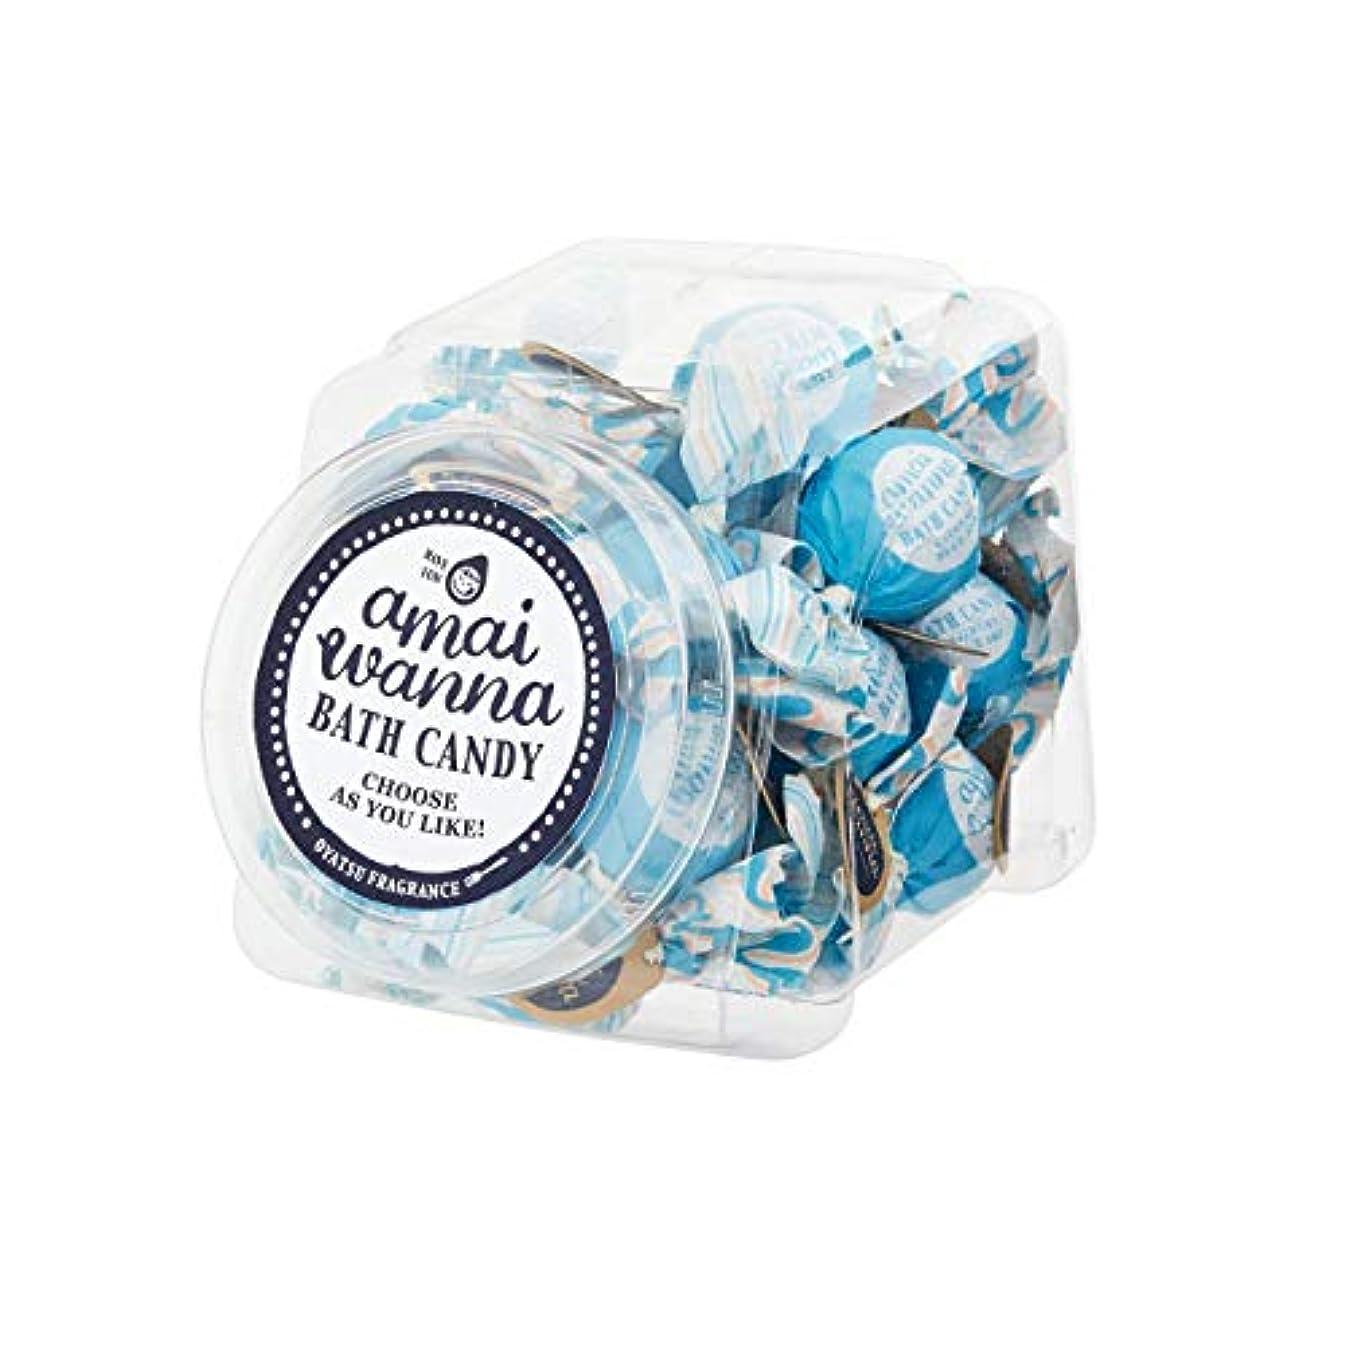 メダル汚染乱すアマイワナSP バスキャンディーポットセット24粒入り(青空シトラス バスギフト キャンディーの形の入浴料 大人可愛い)